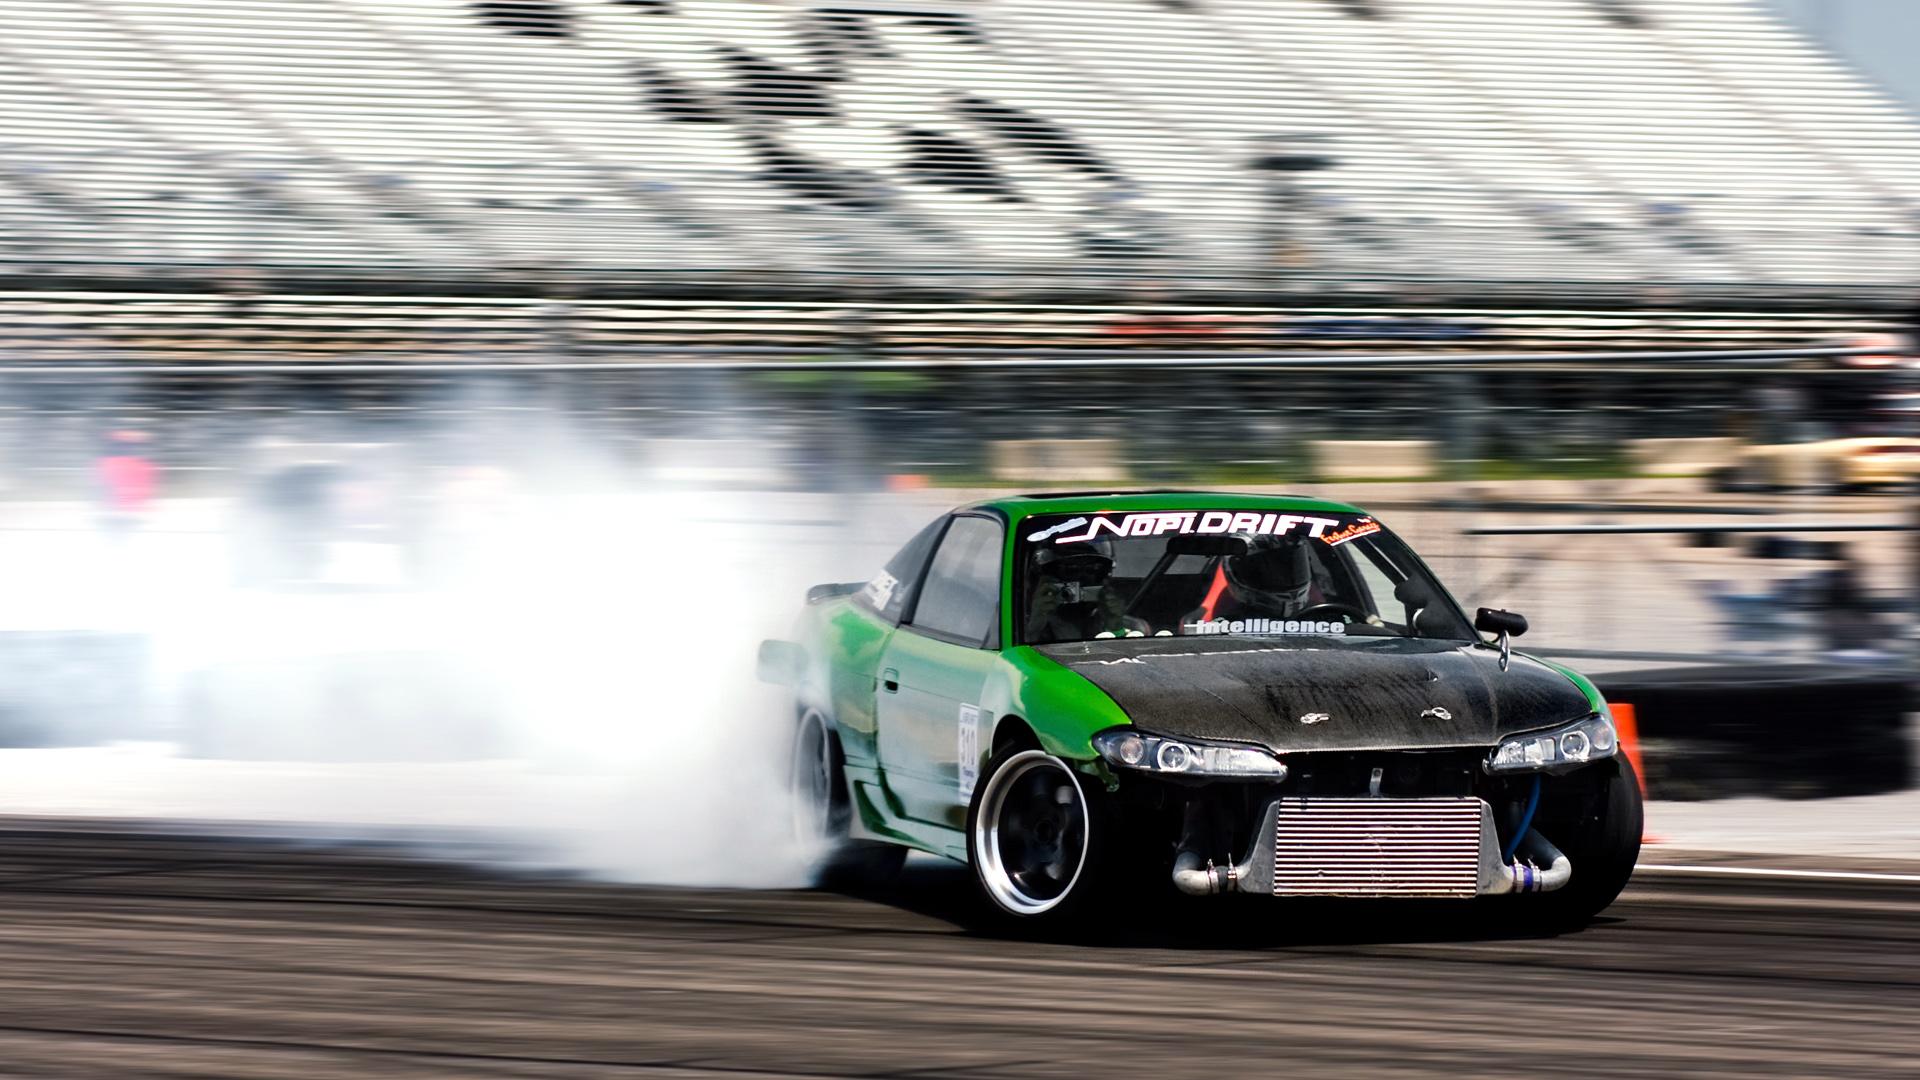 Drift 1920x1080